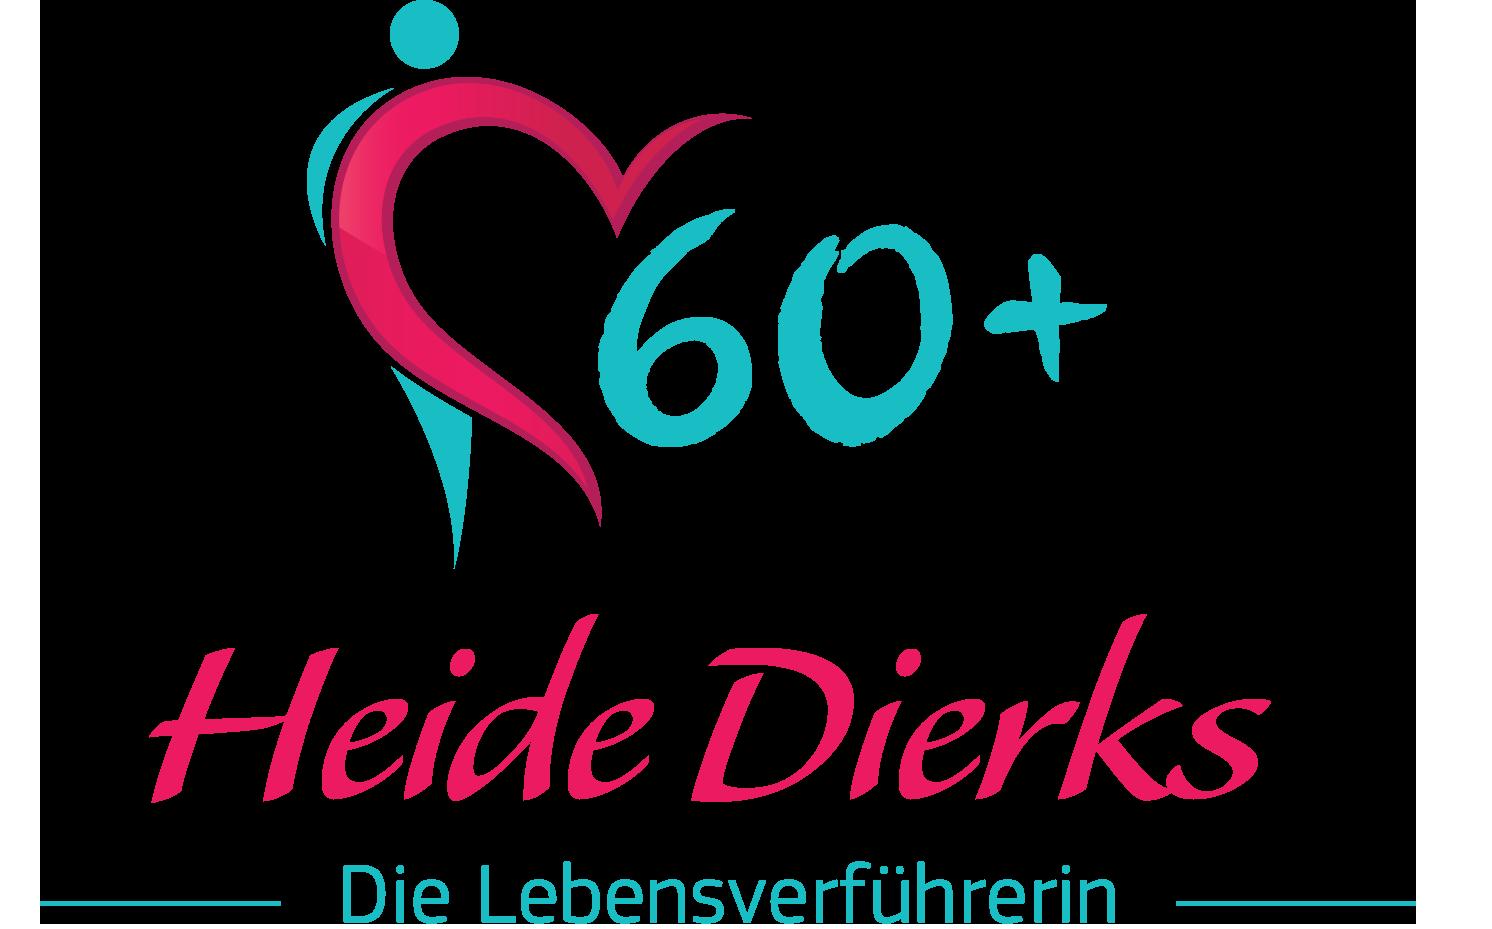 Heide Dierks